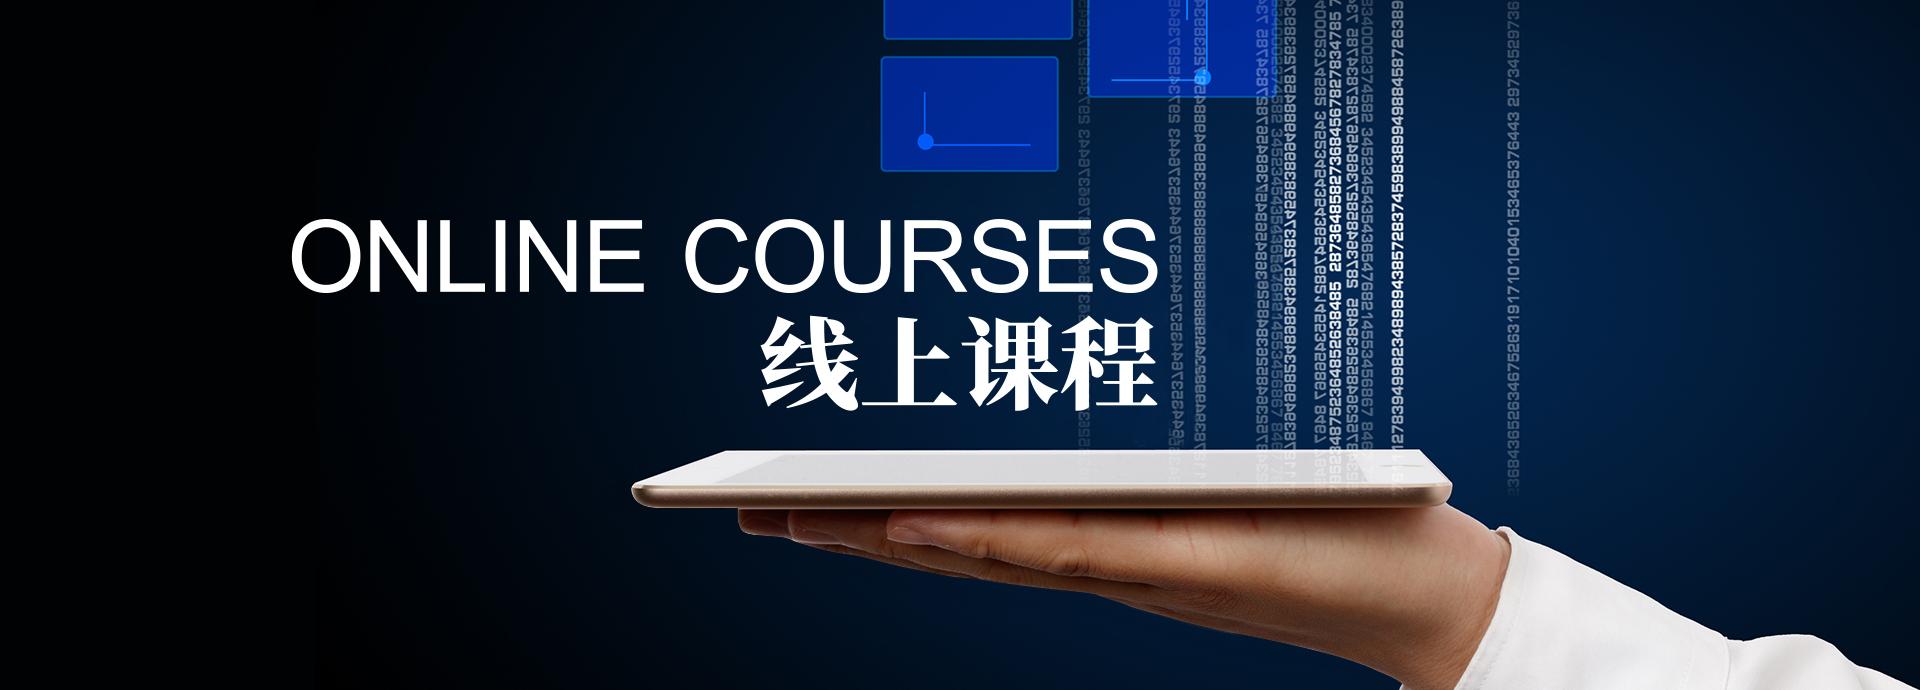 广州道成咨询-阿米巴版权培训课程-阿米巴线上课程banner